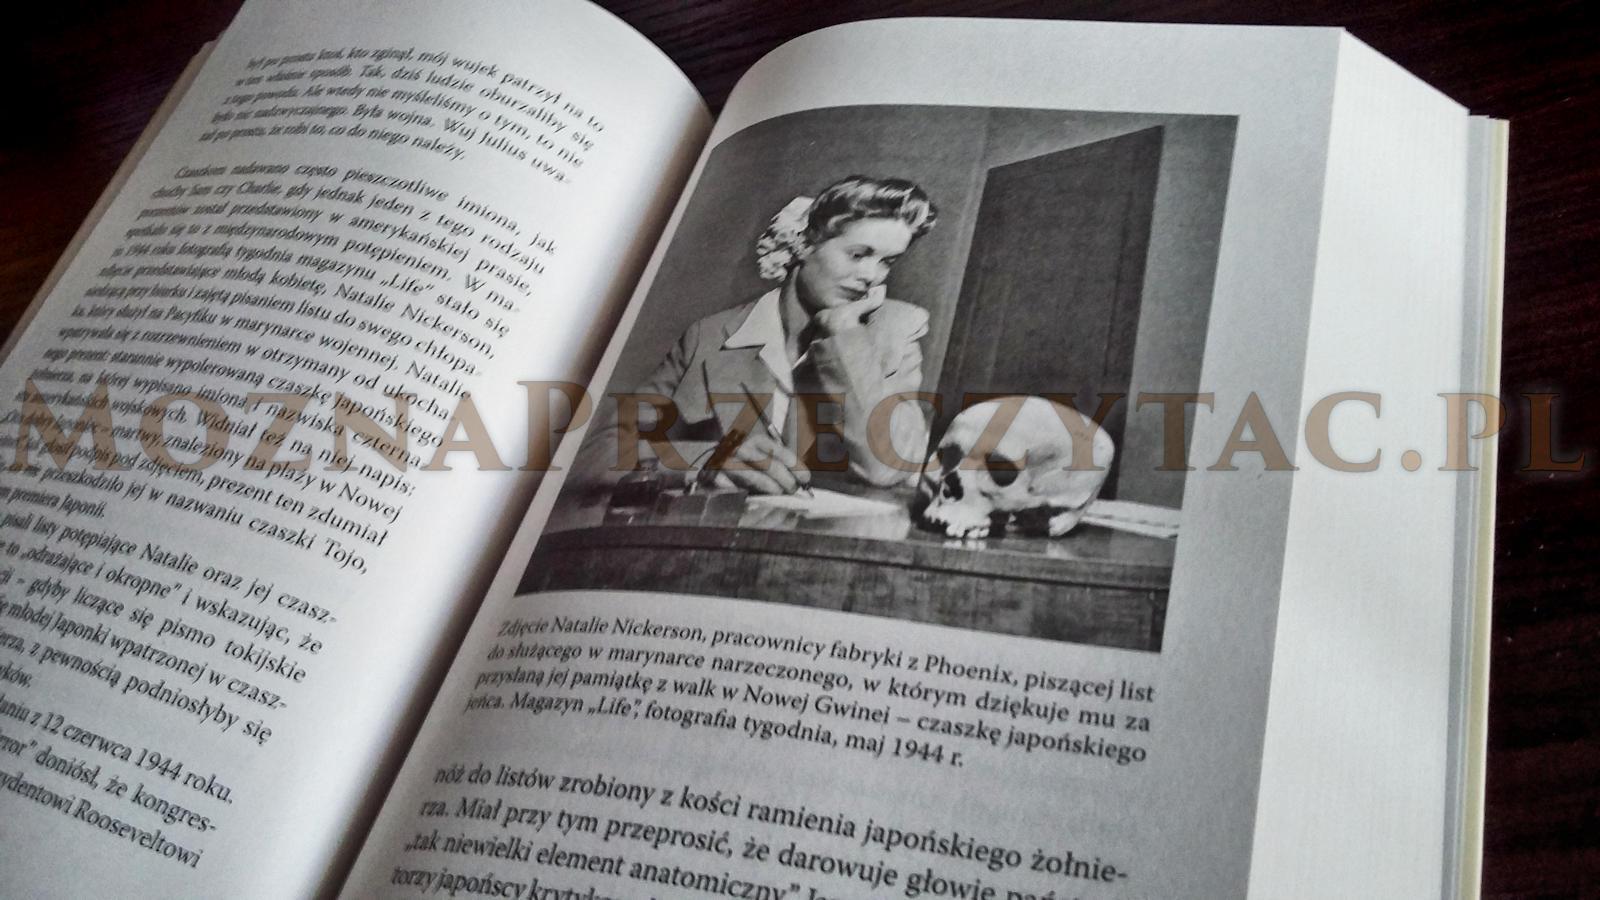 Historia świata przez ścięte głowy opisana - Frances Larson